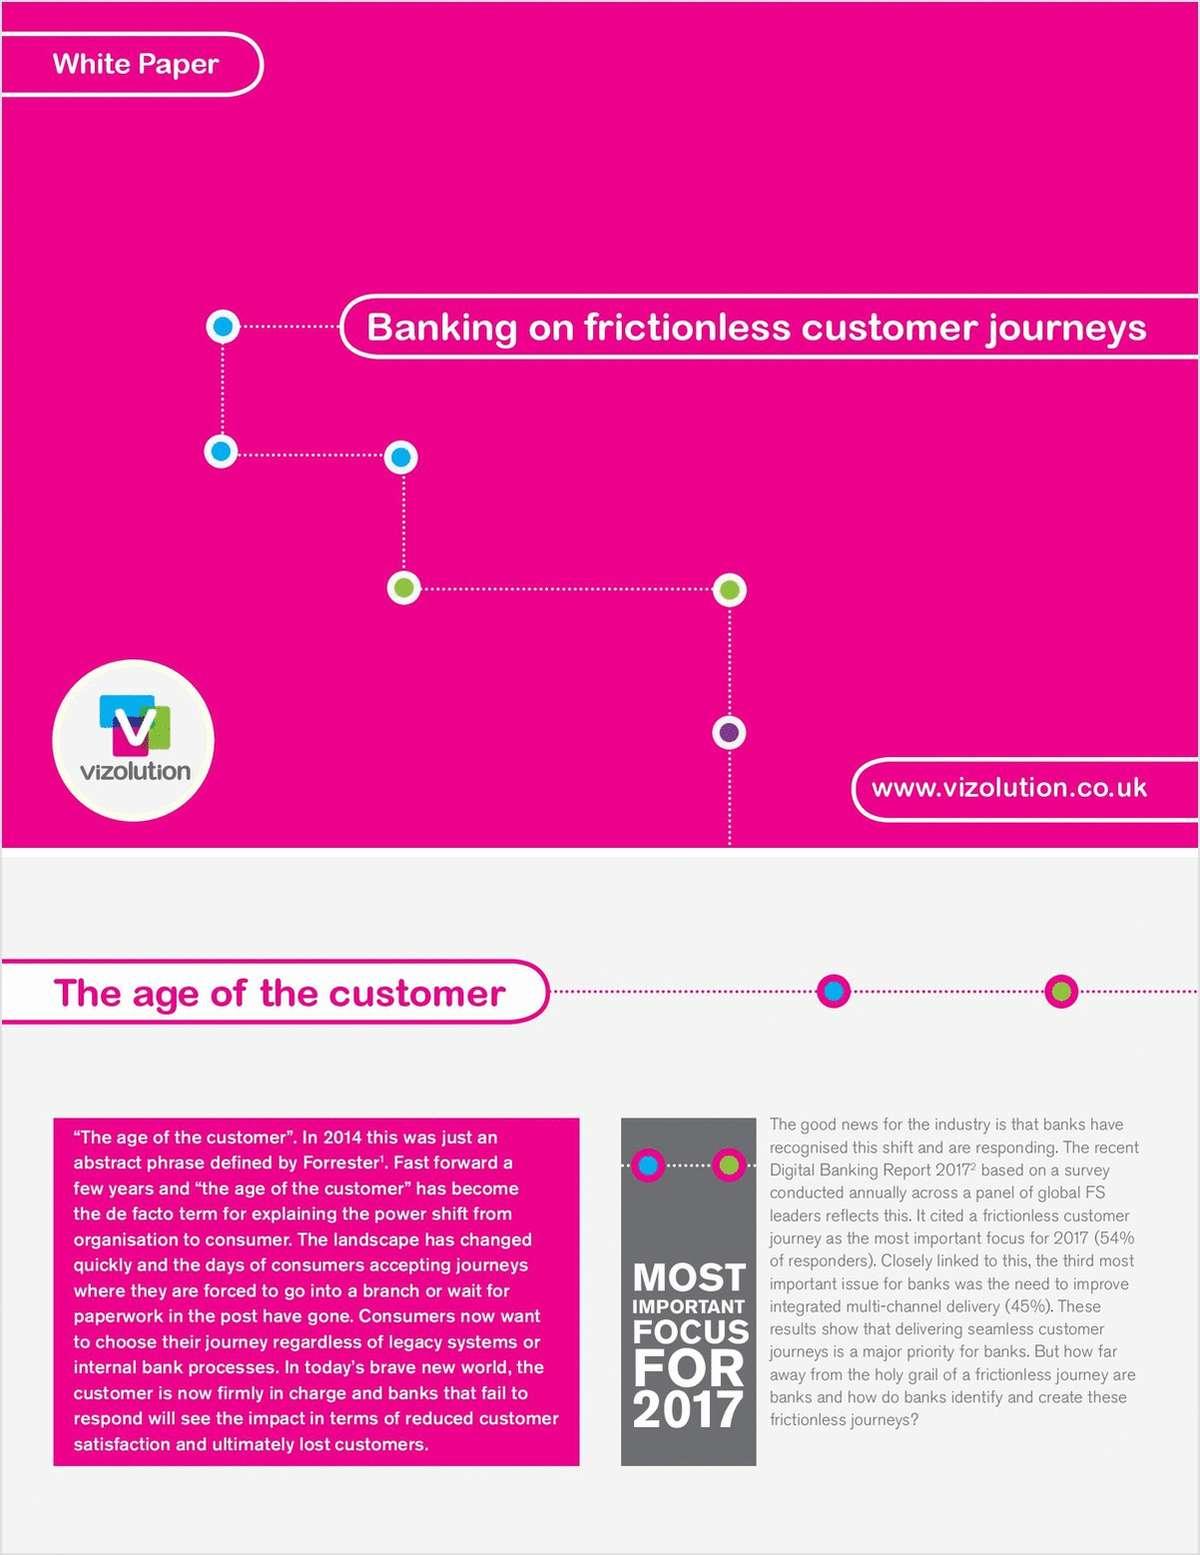 Banking on Frictionless Customer Journey - UK